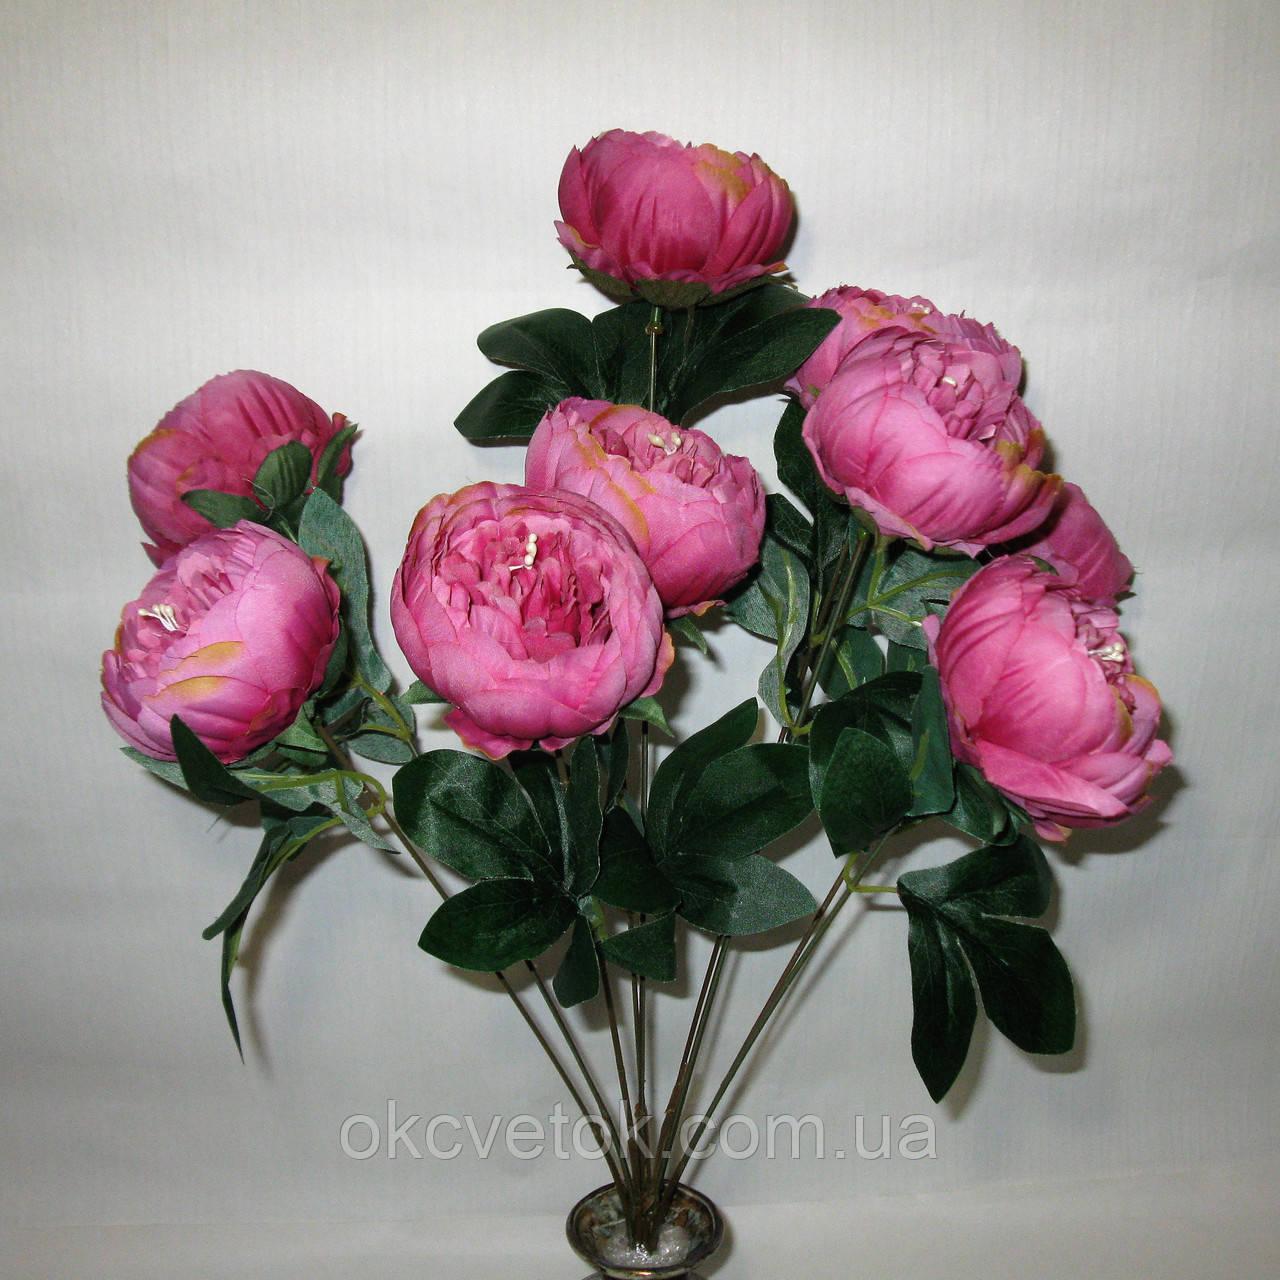 Заказать букет цветы пионы где купить папье маше можно